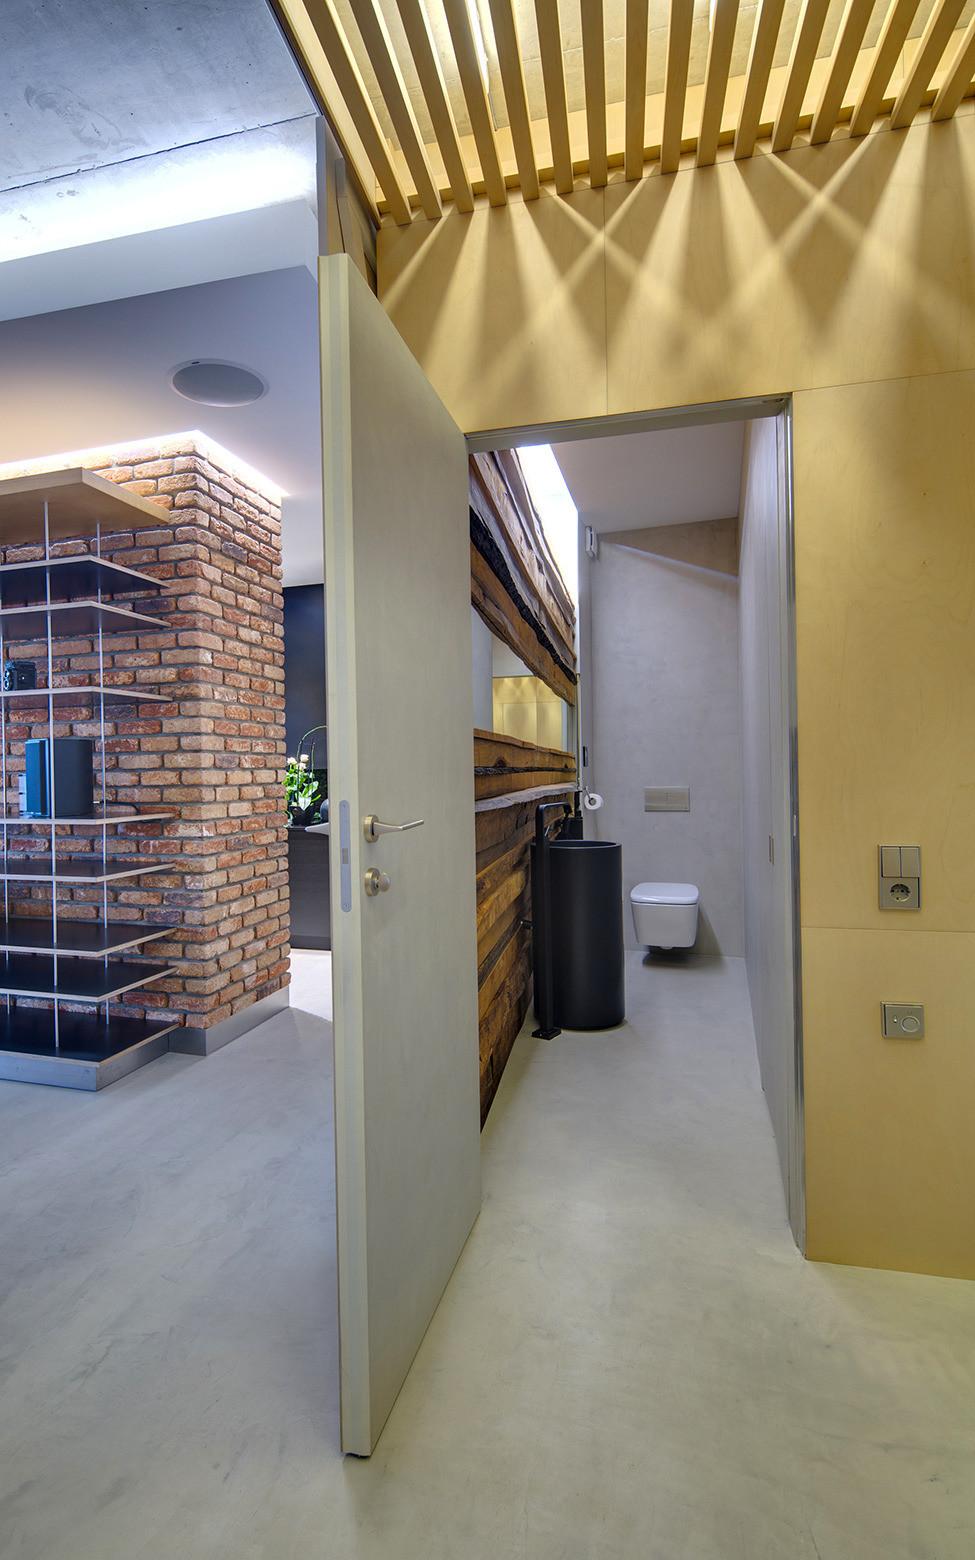 120 кв. м апартамент за разточителна почивка - 7